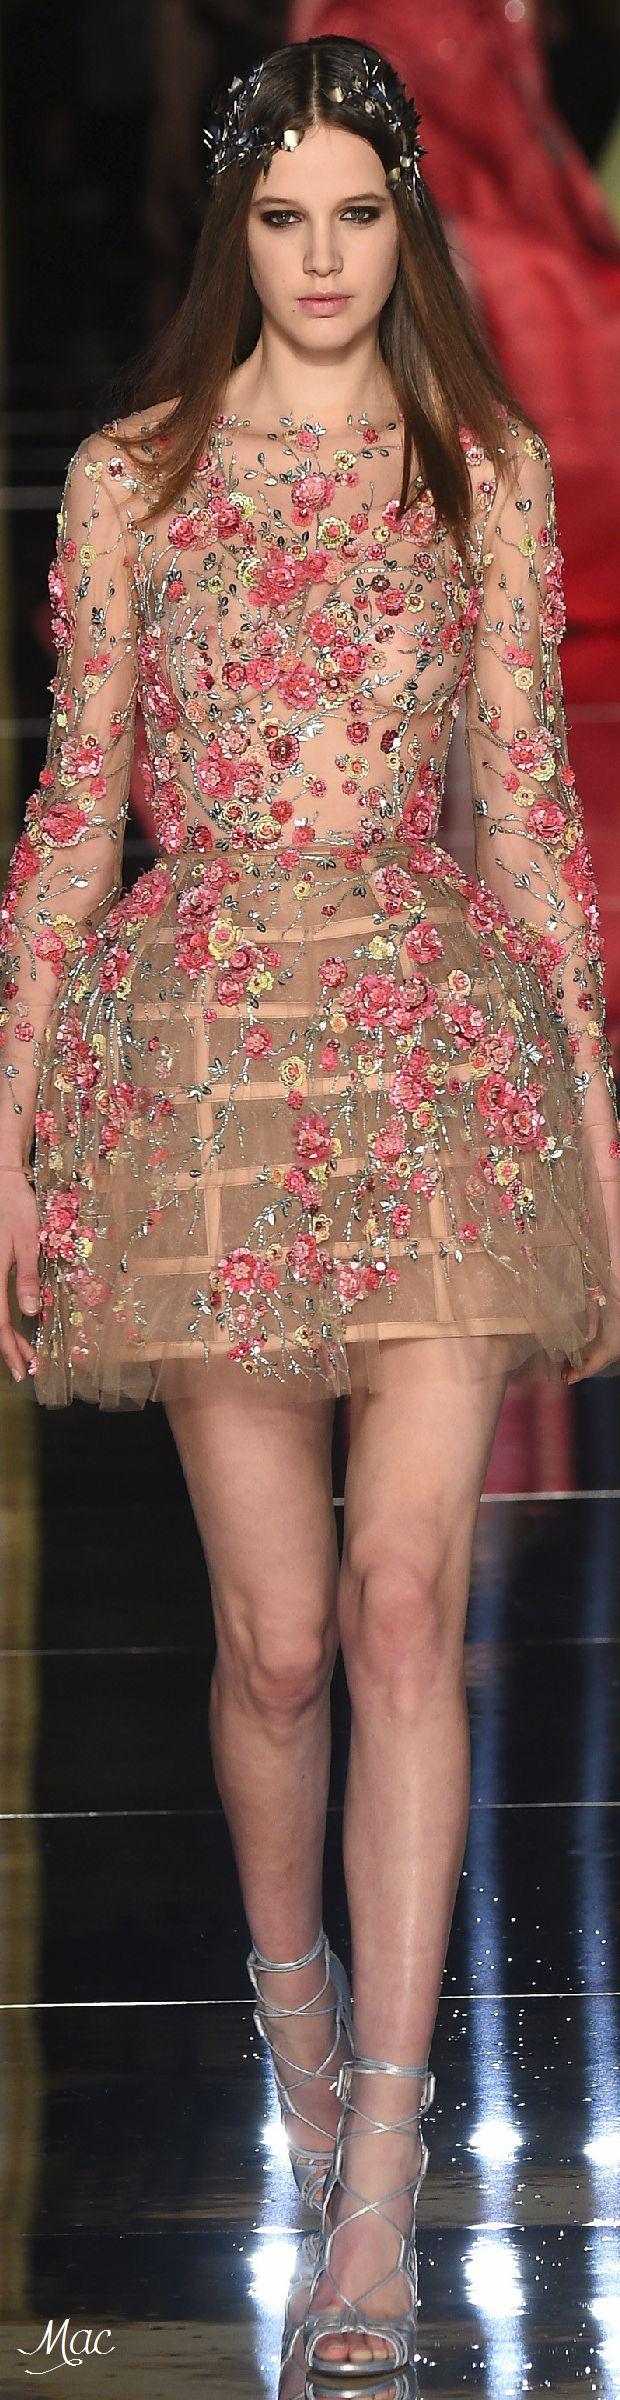 Spring 2016 Haute Couture Zuhair Murad www.aromatiqueessentials.com.au